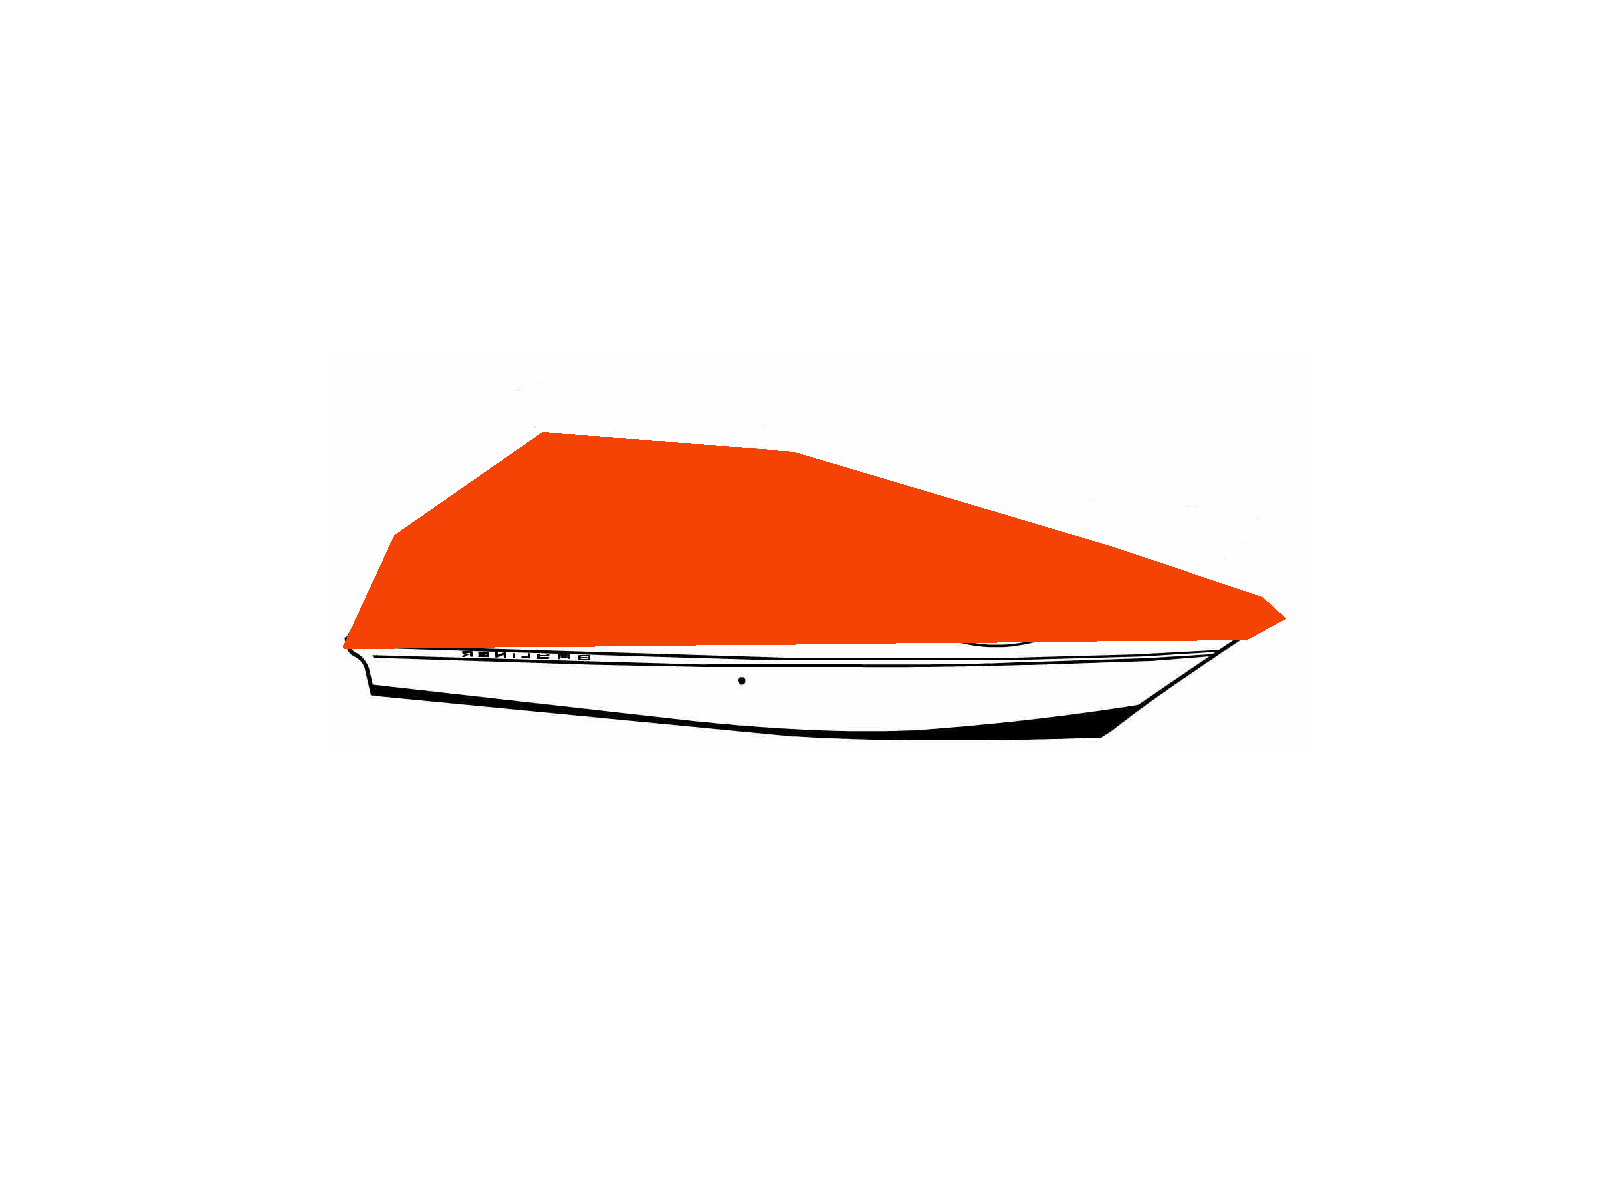 03 02 Typ N Motorboot Ganzpersenning ohne Reling.PNG